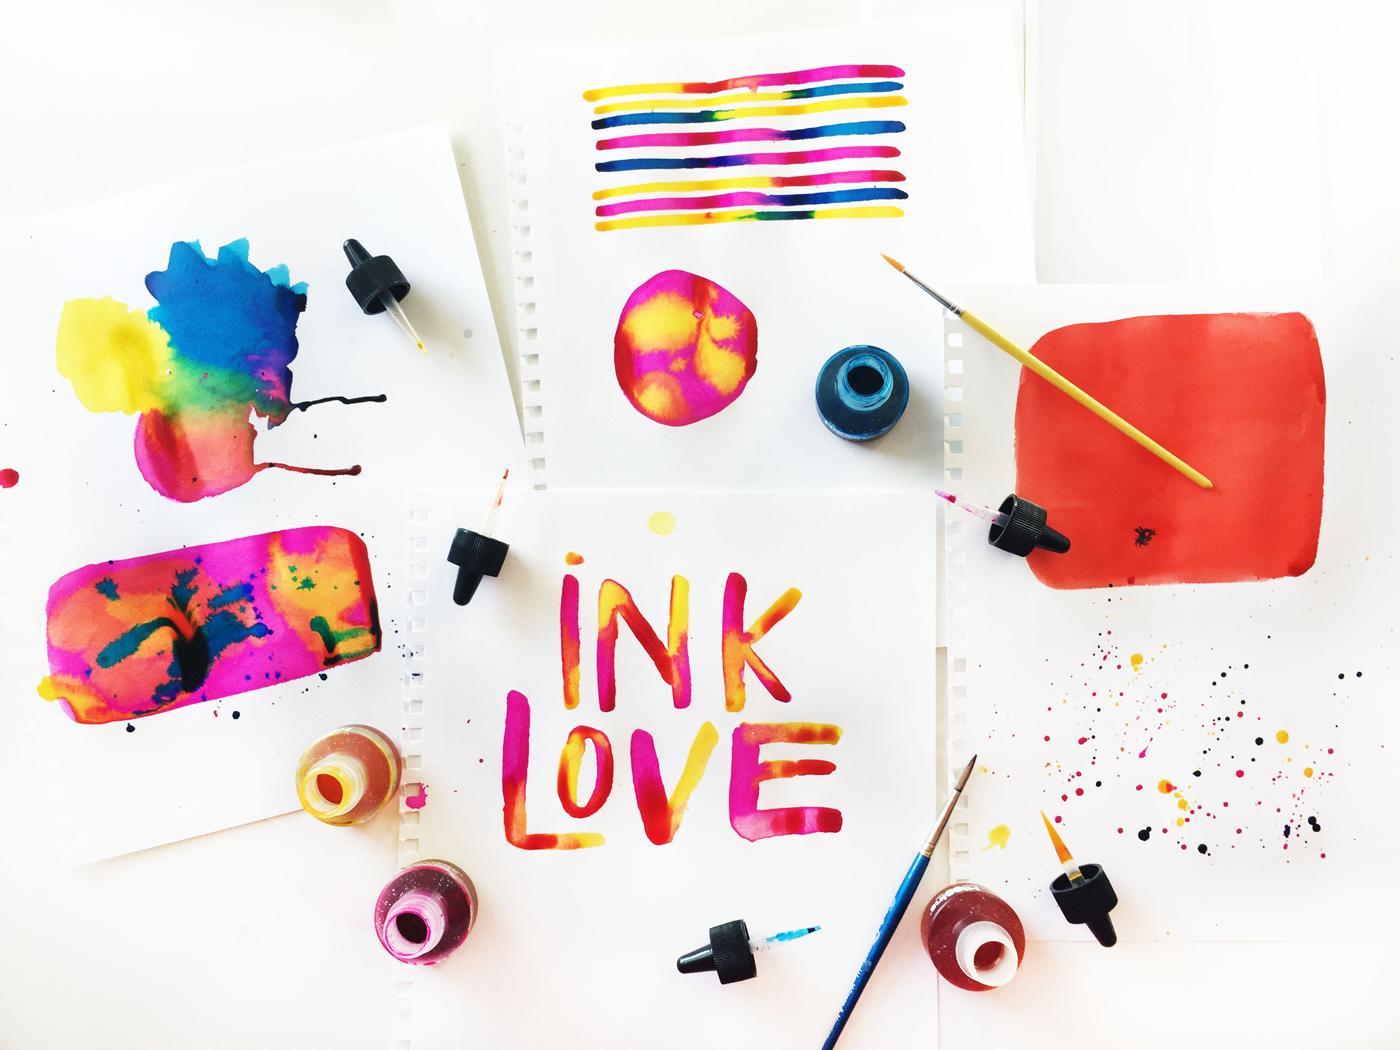 McCown_Ink Love